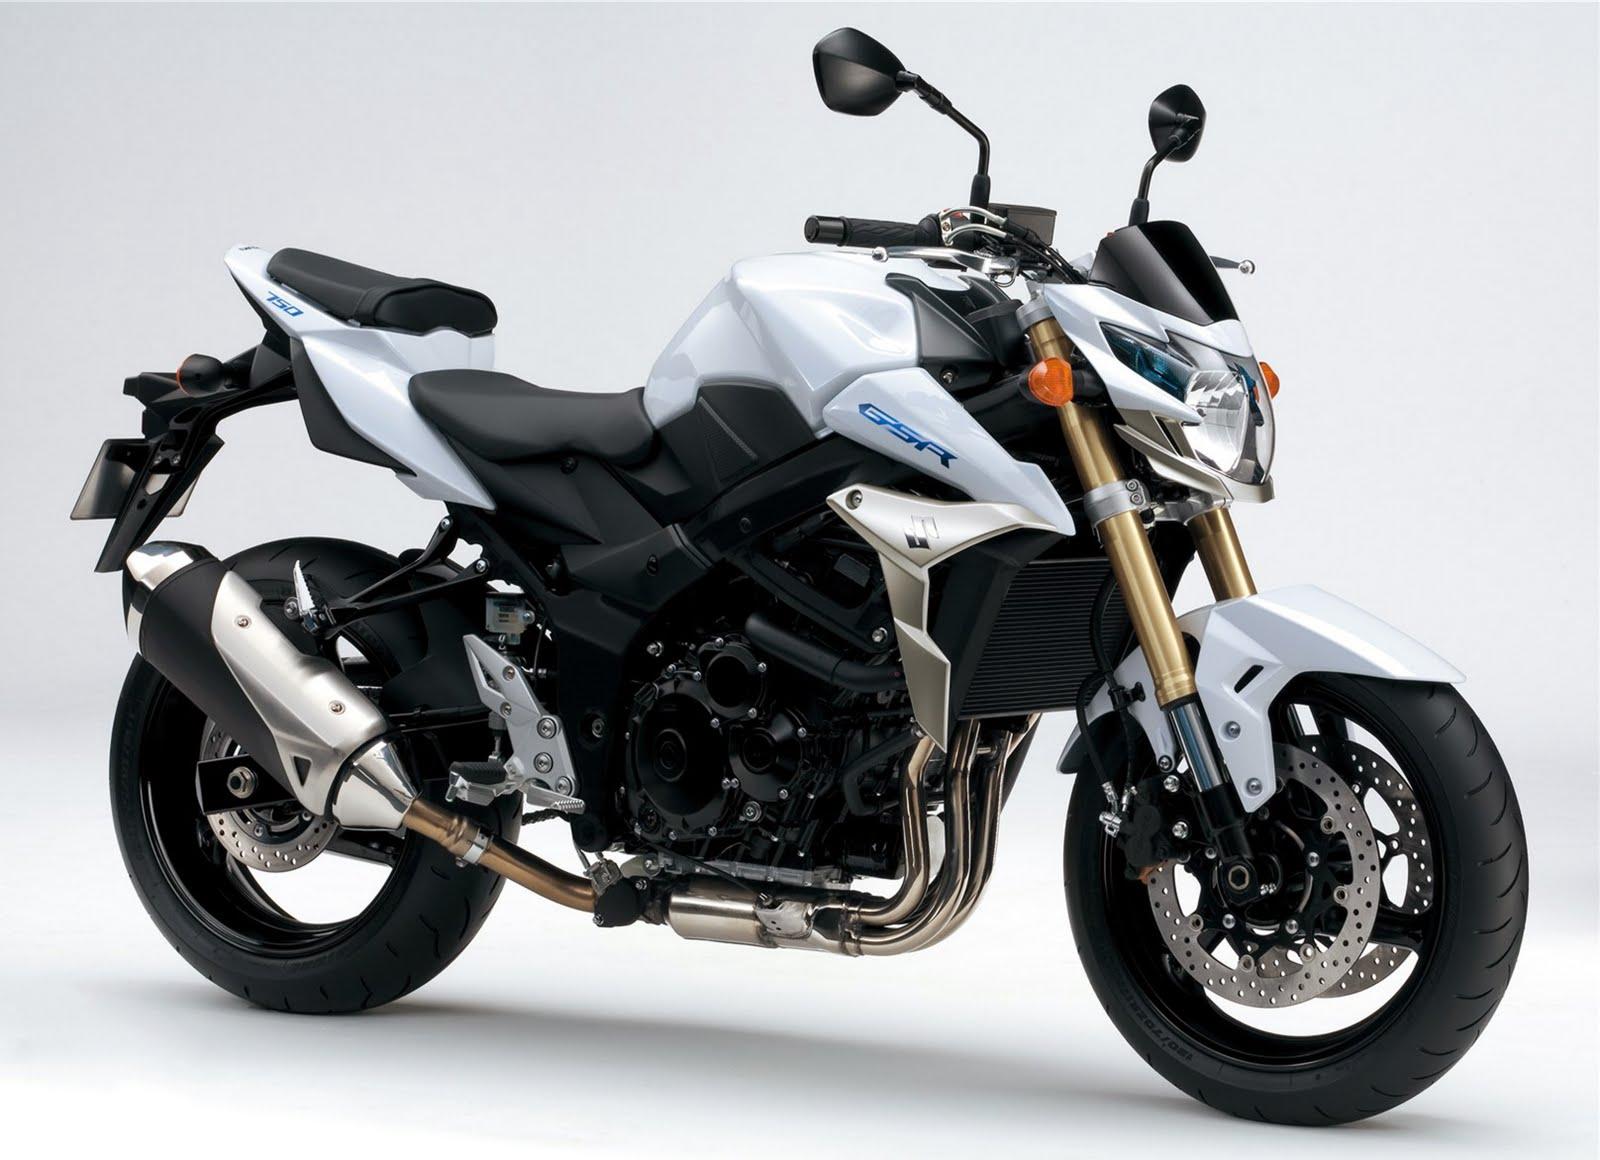 http://1.bp.blogspot.com/_TvNkUp-Yso8/TQ-1orgtMyI/AAAAAAAAB7E/Ikxs127WTYs/s1600/2011+Suzuki+GSR750+Sportbike%2C+a.jpg